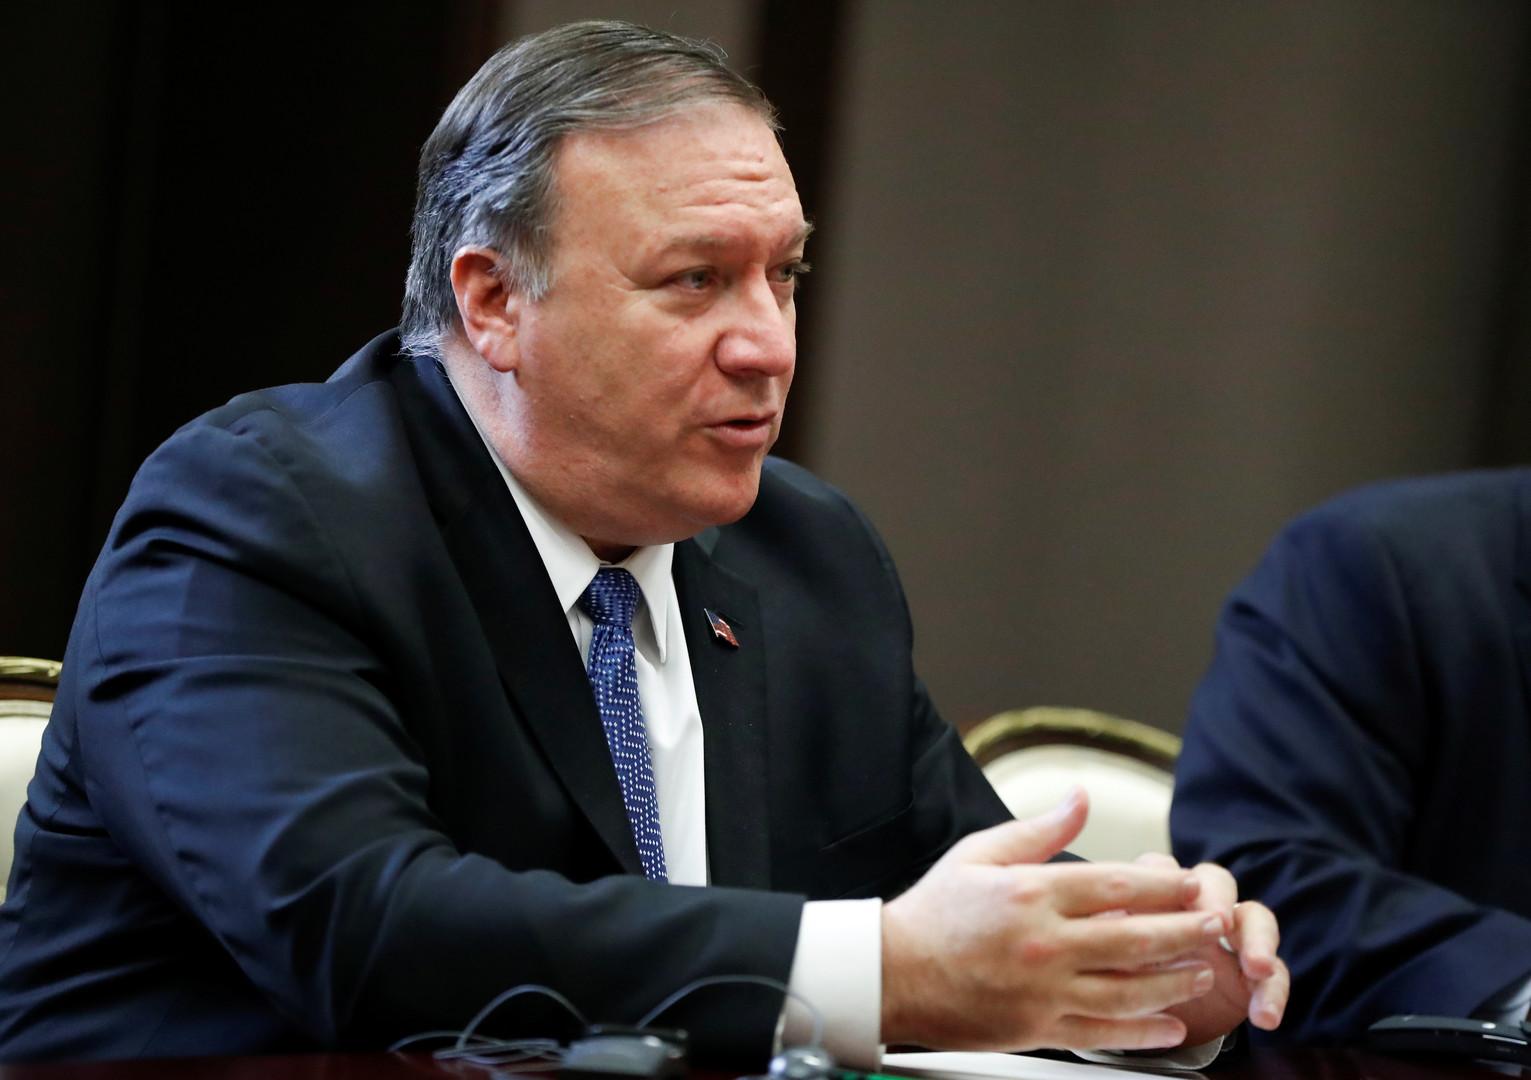 بومبيو: لدى واشنطن وموسكو مصالح مشتركة في كوريا الشمالية